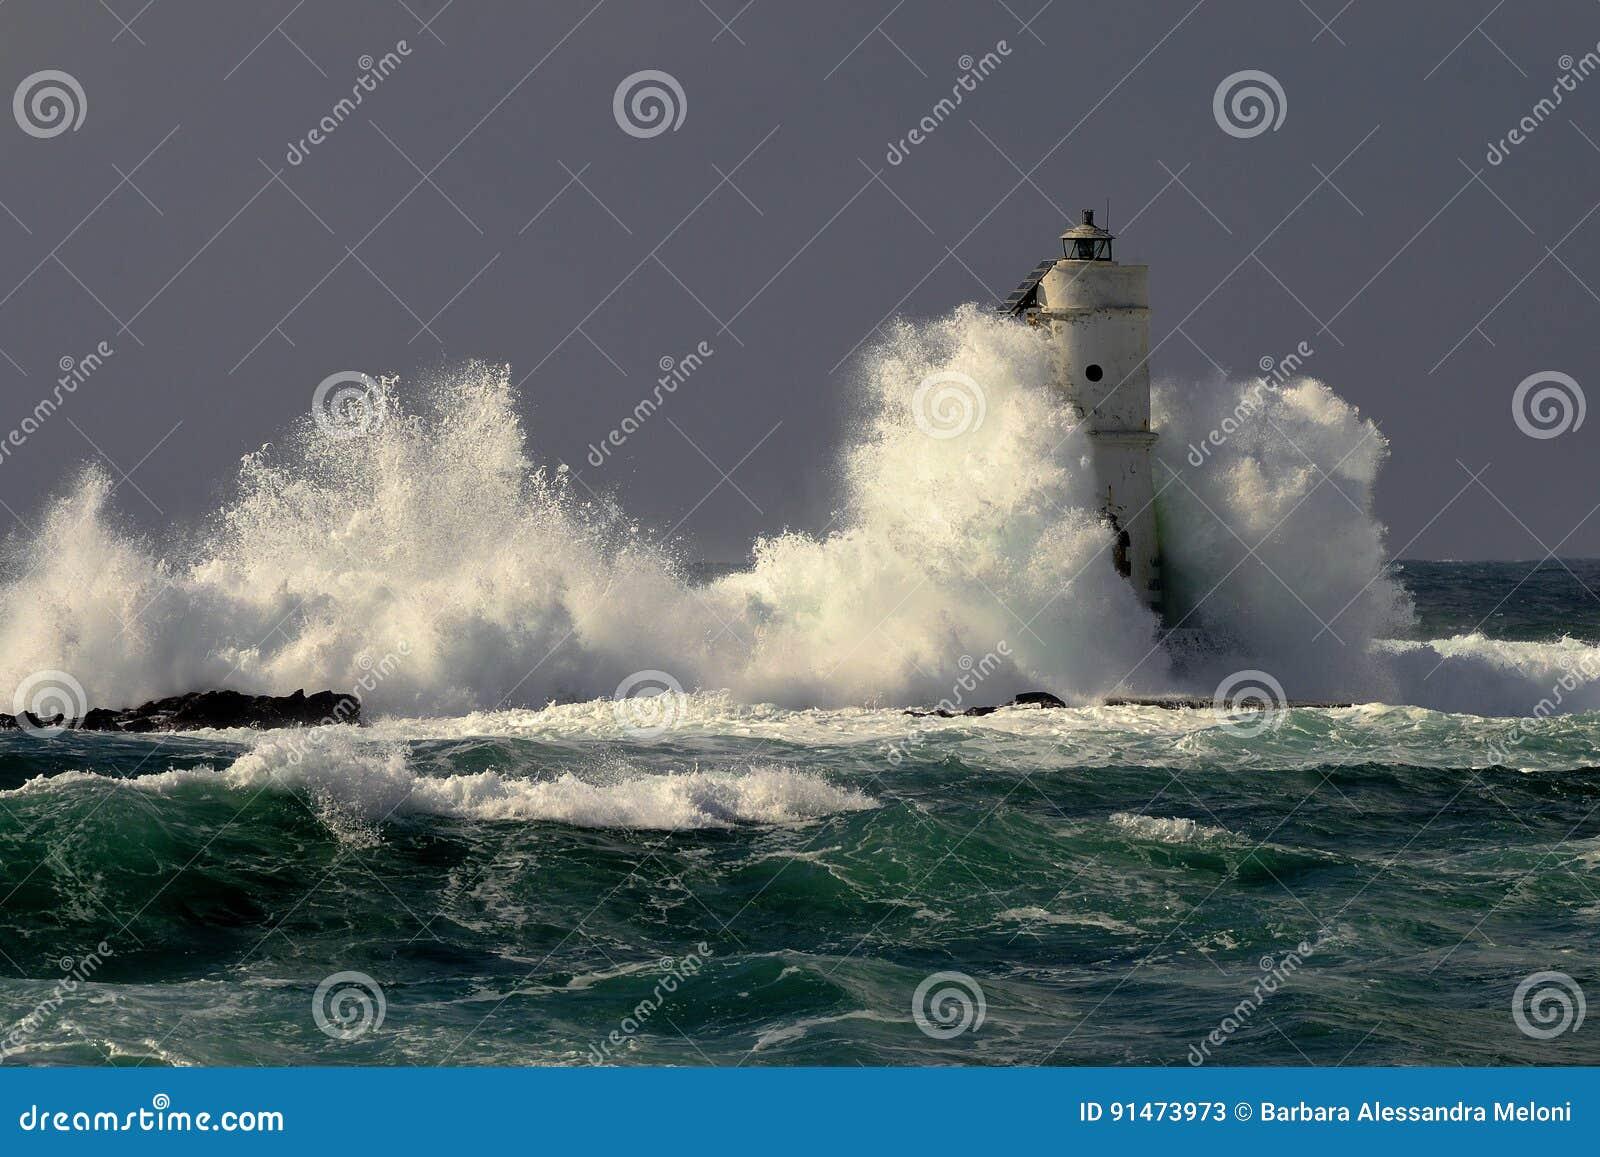 Italien, ` Mangiabarche-`, Sturm Wellen zertrümmern gegen Leuchtturm oder Leuchtfeuer